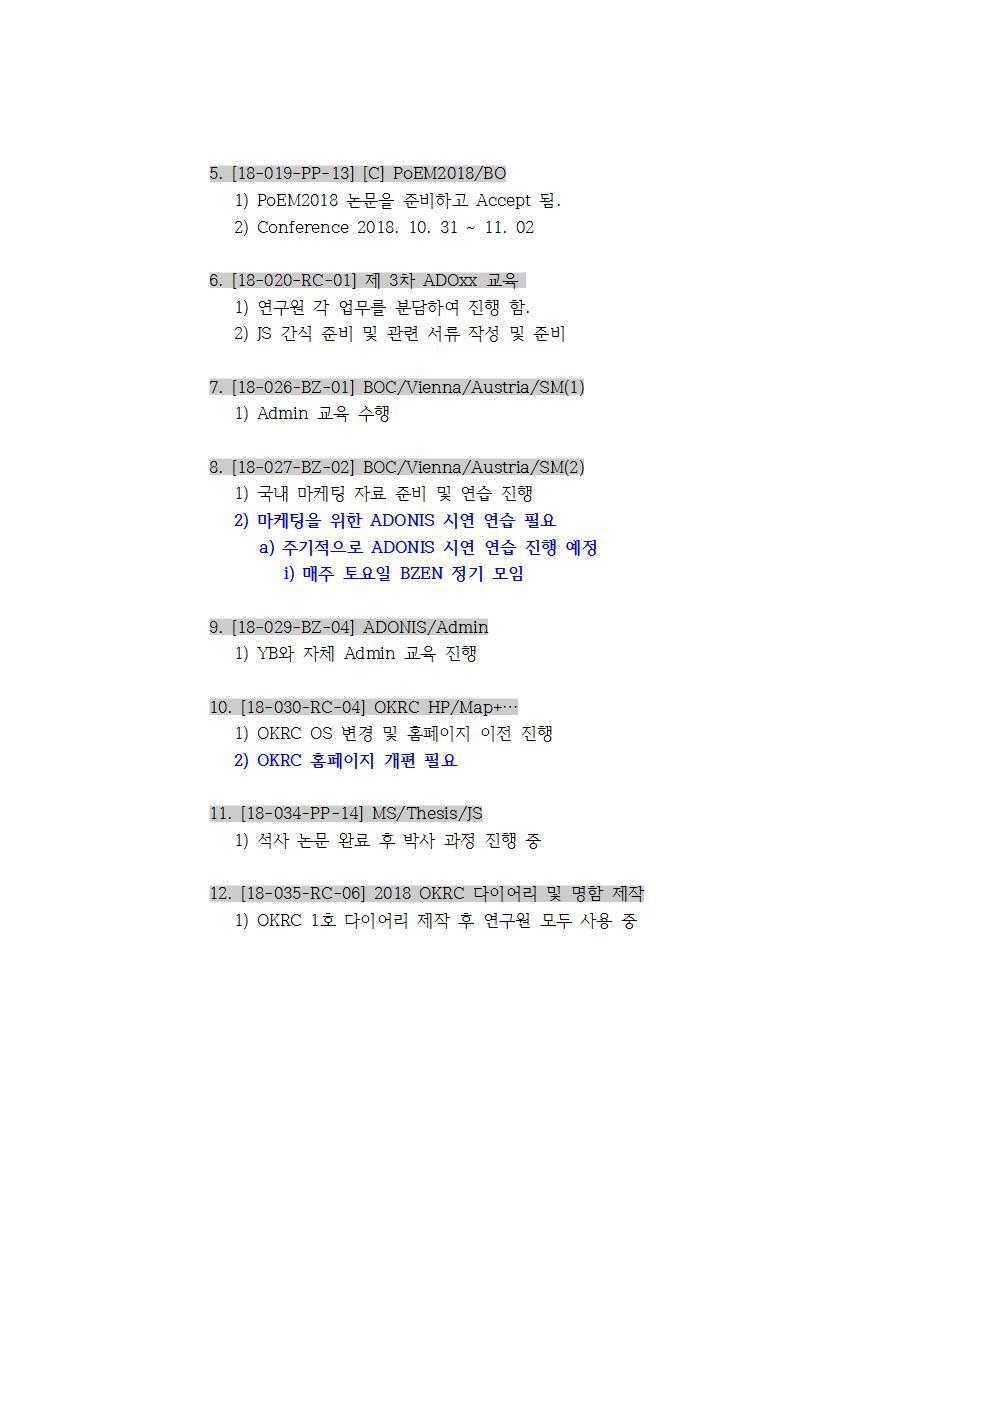 1-Mon-2018-09-03-Task Evaluation-JS002.jpg